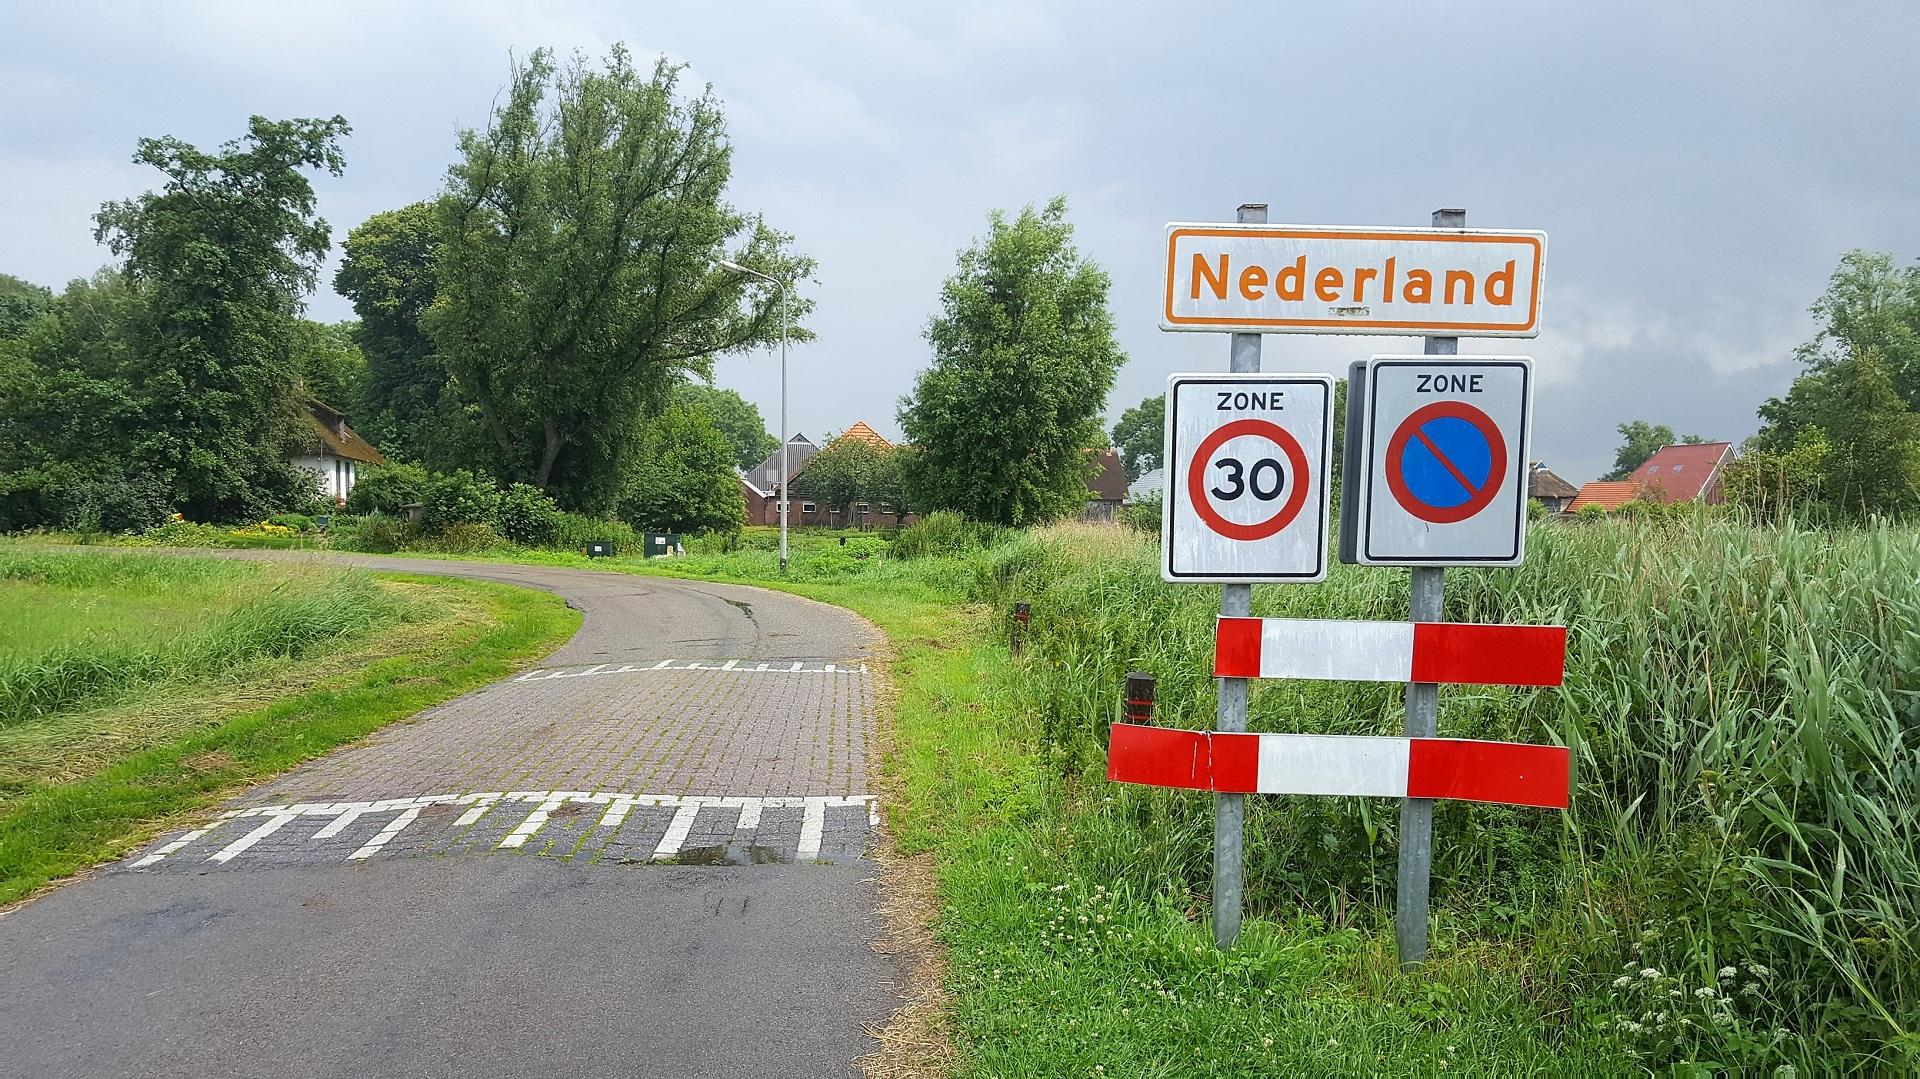 et ligt in het Nationaal Park De Weerribben, niet ver van het stadje Blokzijl, nabij de N333 tussen Steenwijk en Marknesse. Enkele andere plaatsen in de buurt zijn Baarlo, Kalenberg, Muggenbeet, Scheerwolde en Wetering.